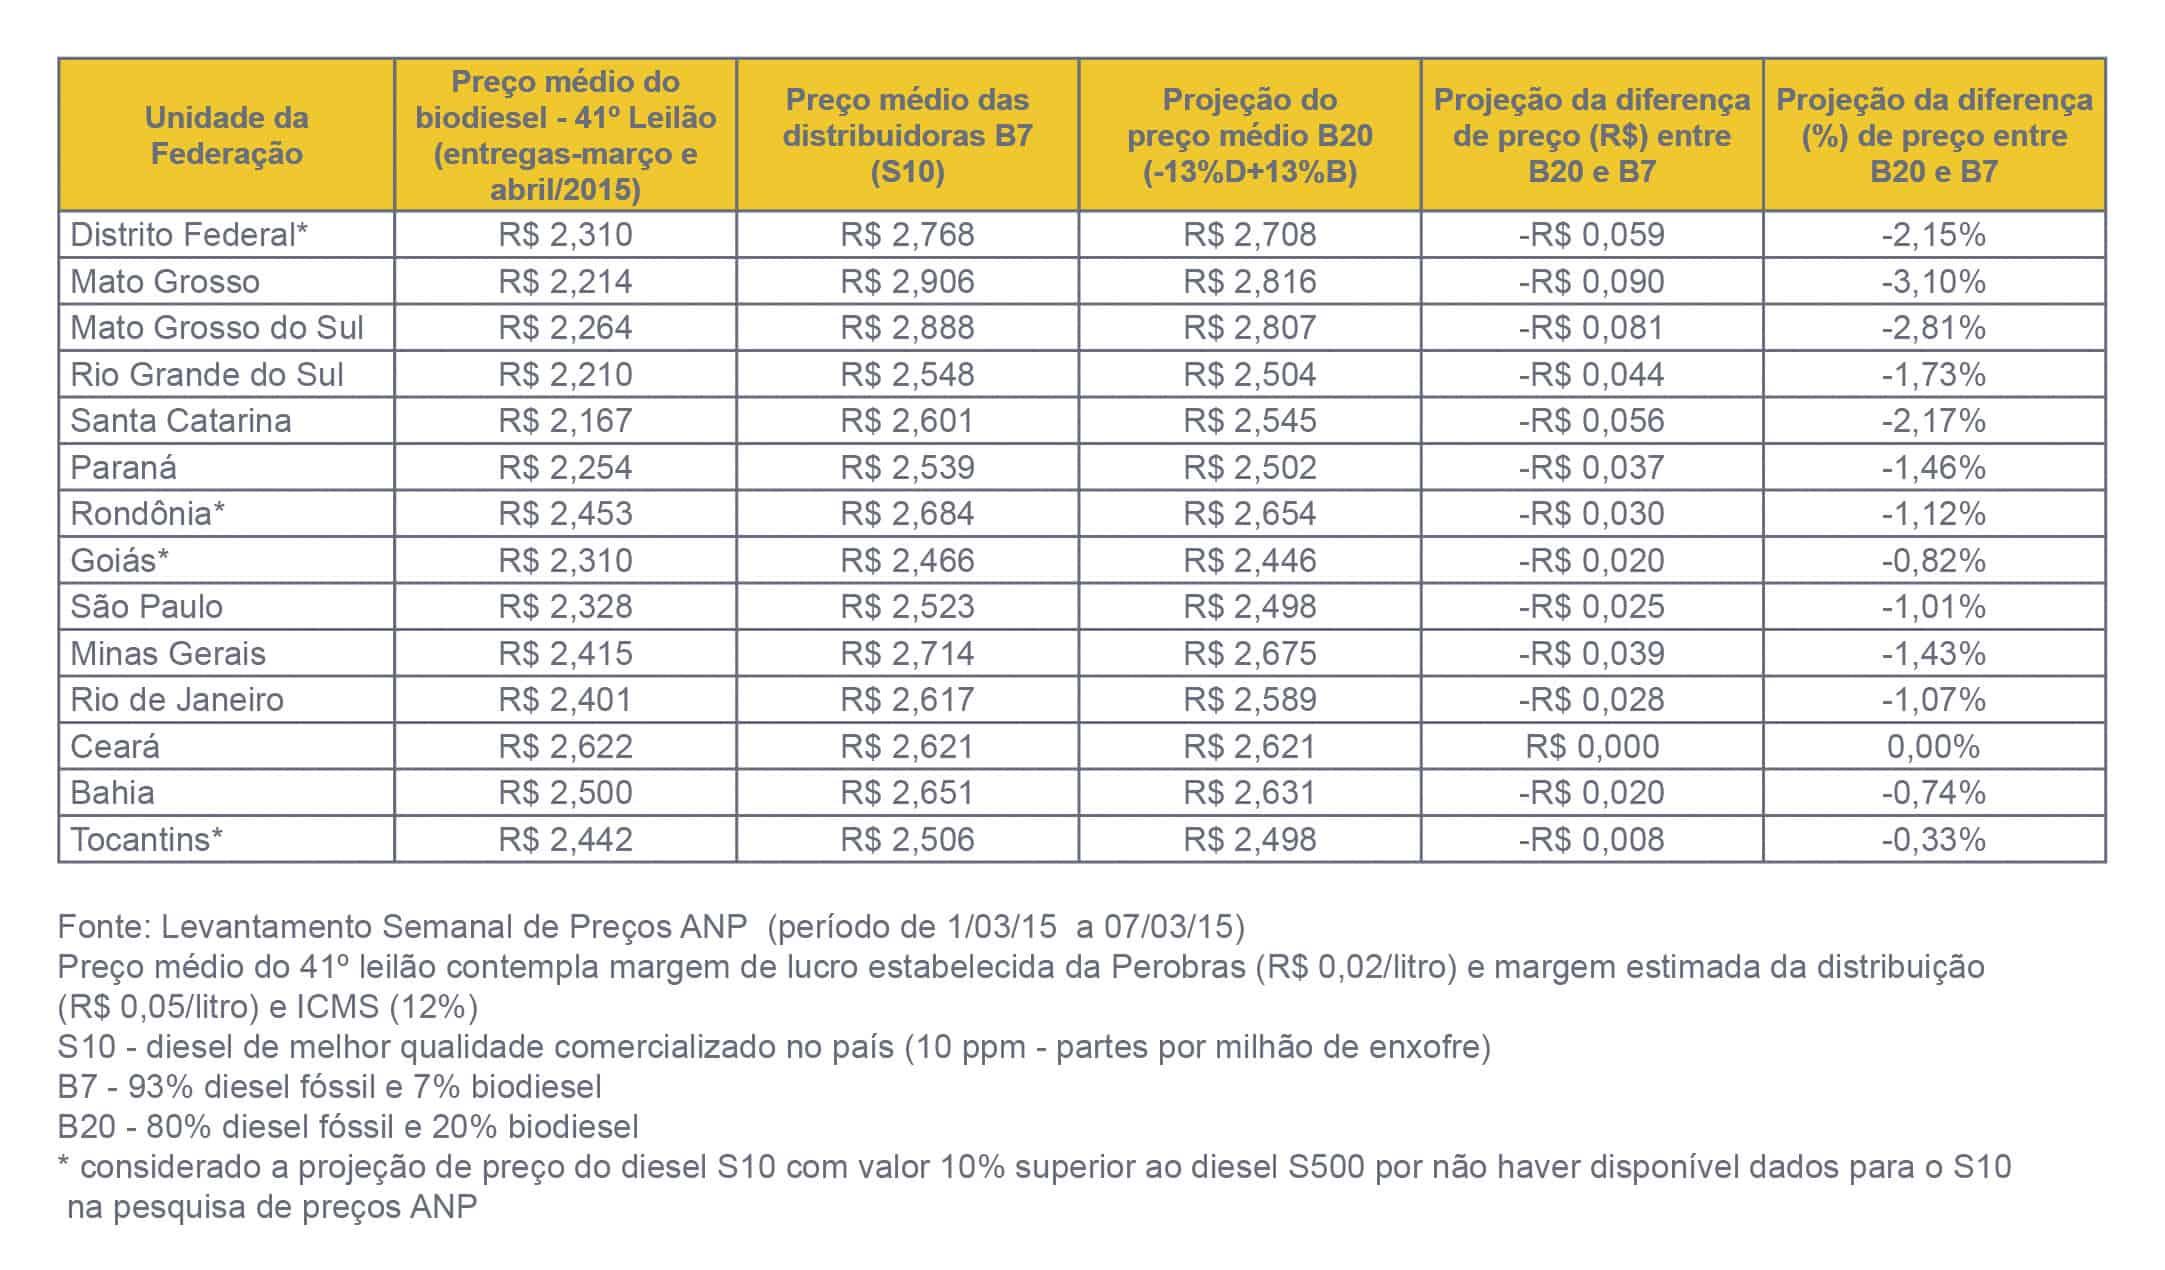 Competitividade do B20 em relação ao Diesel S10 nas Capitais das Unidades da Federação Selecionadas (fevereiro 2015)